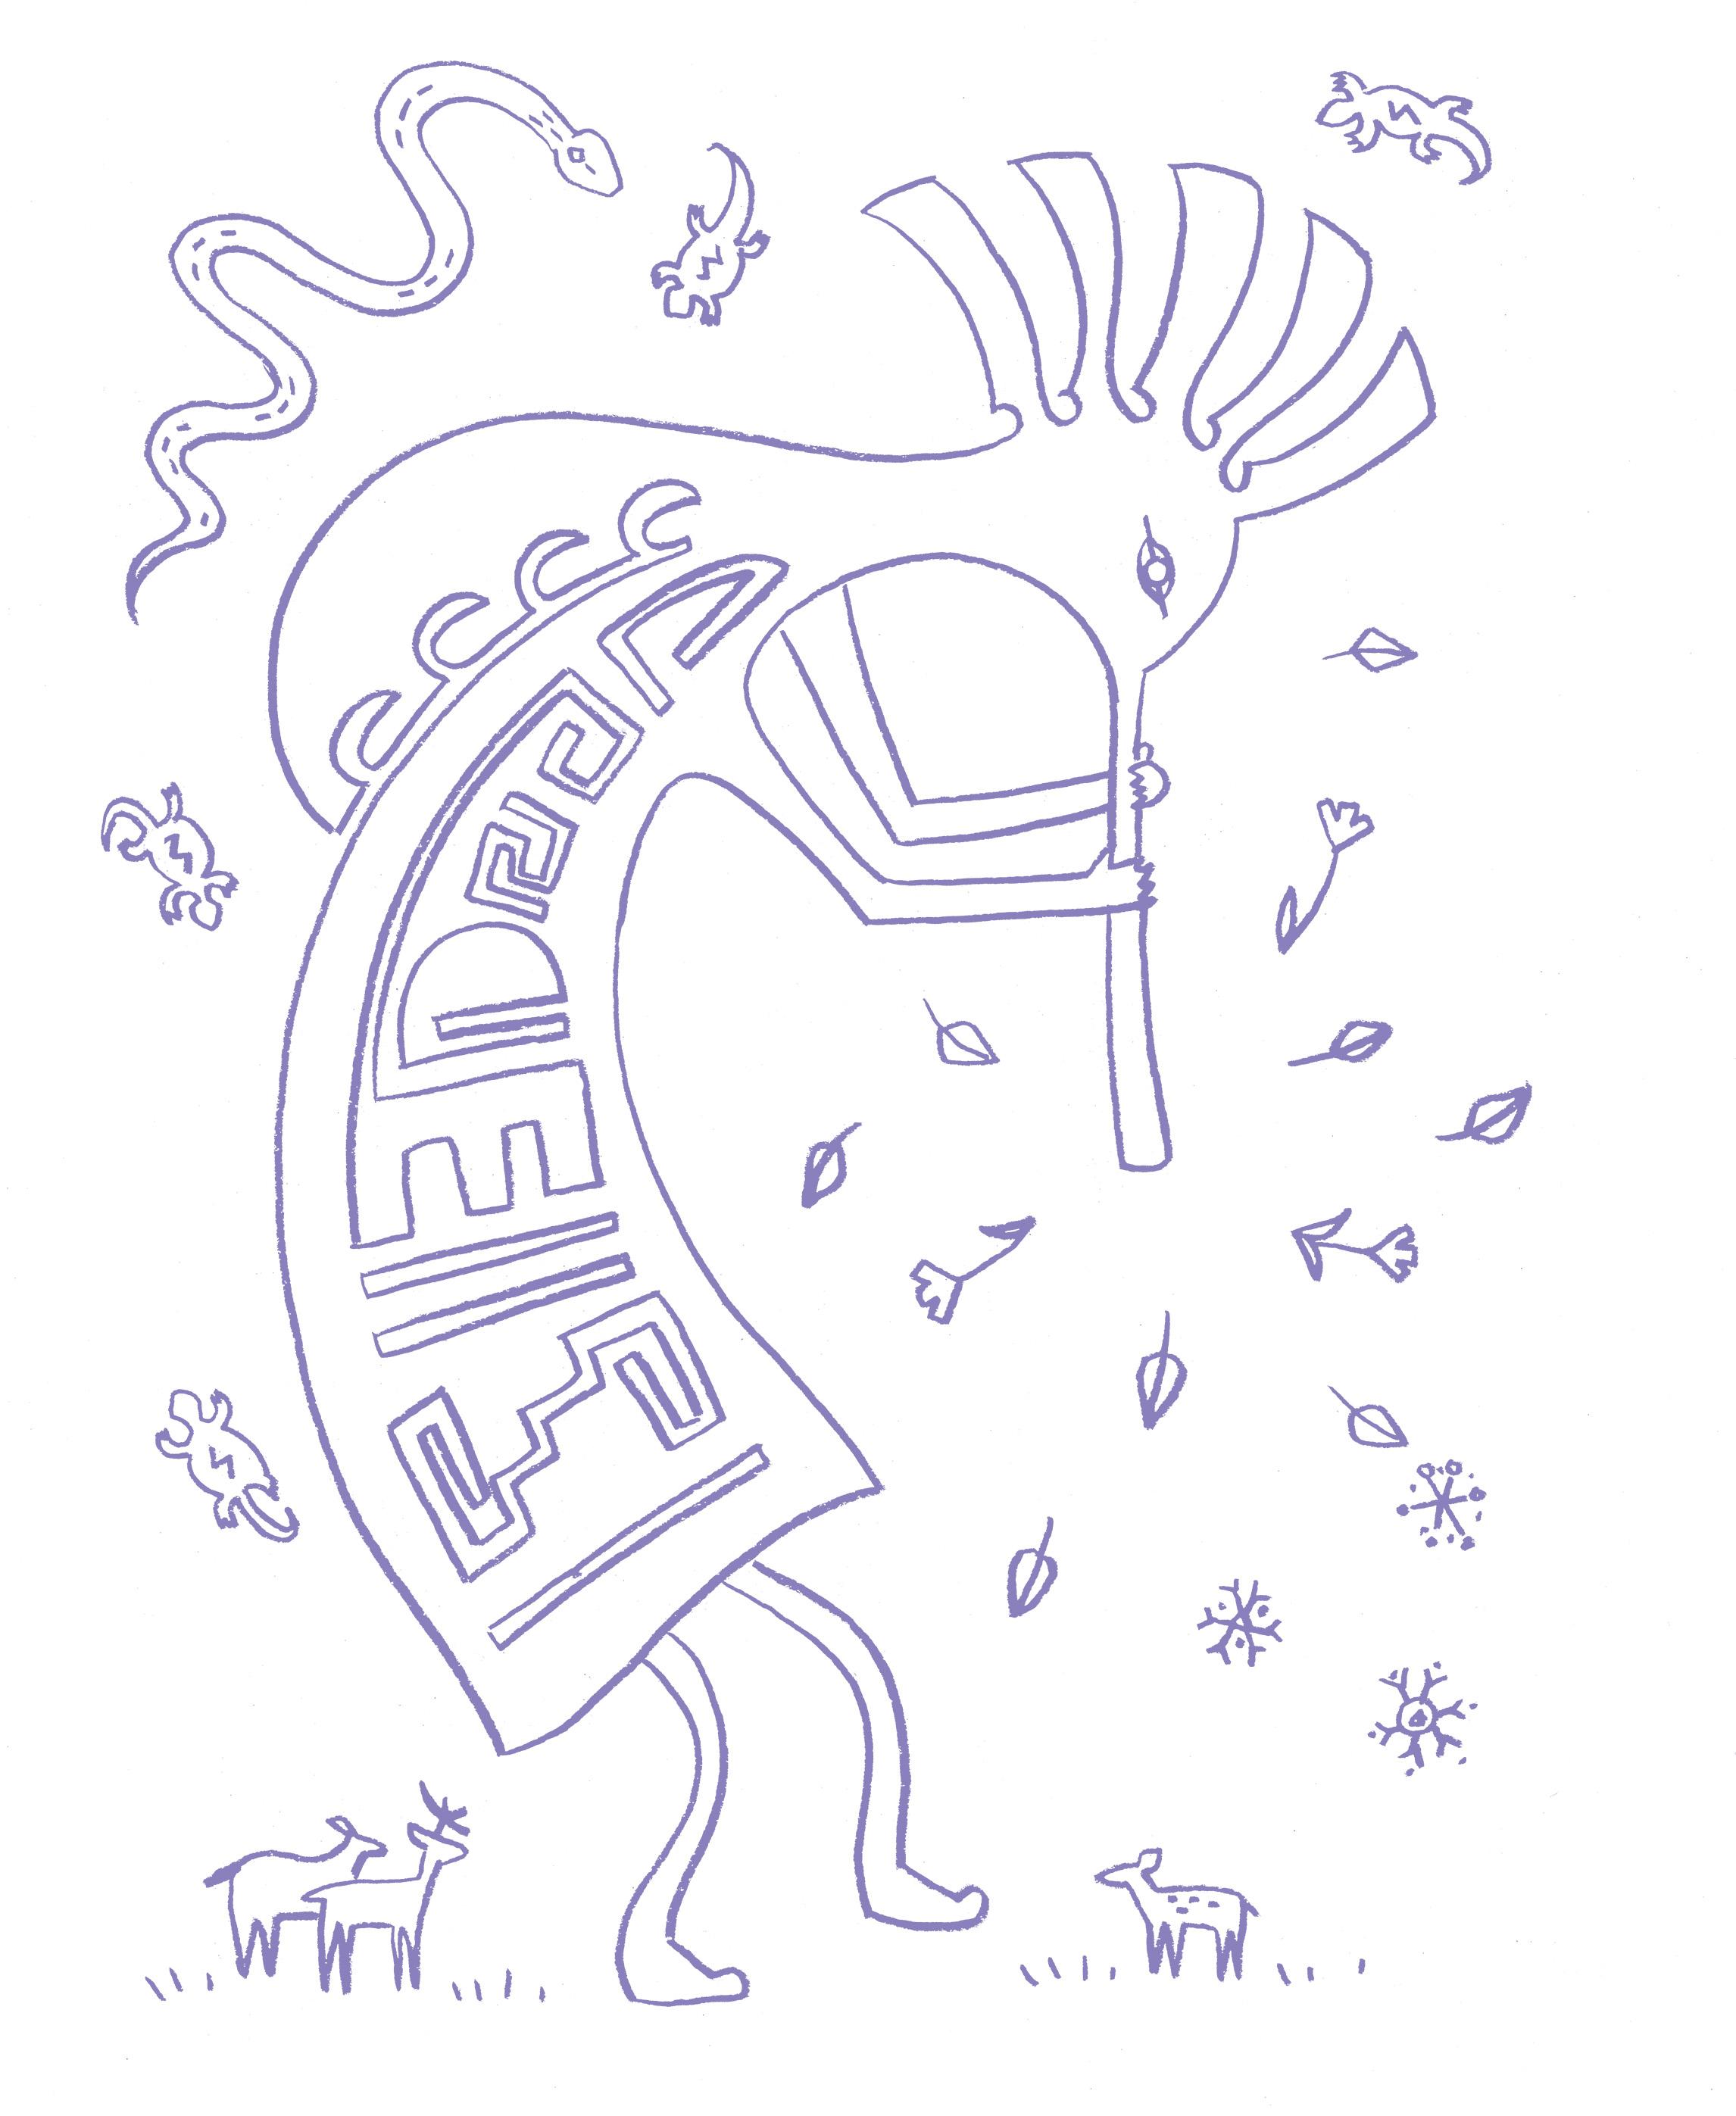 Dieties-illustration-kokopelli_erin-ellis.jpg